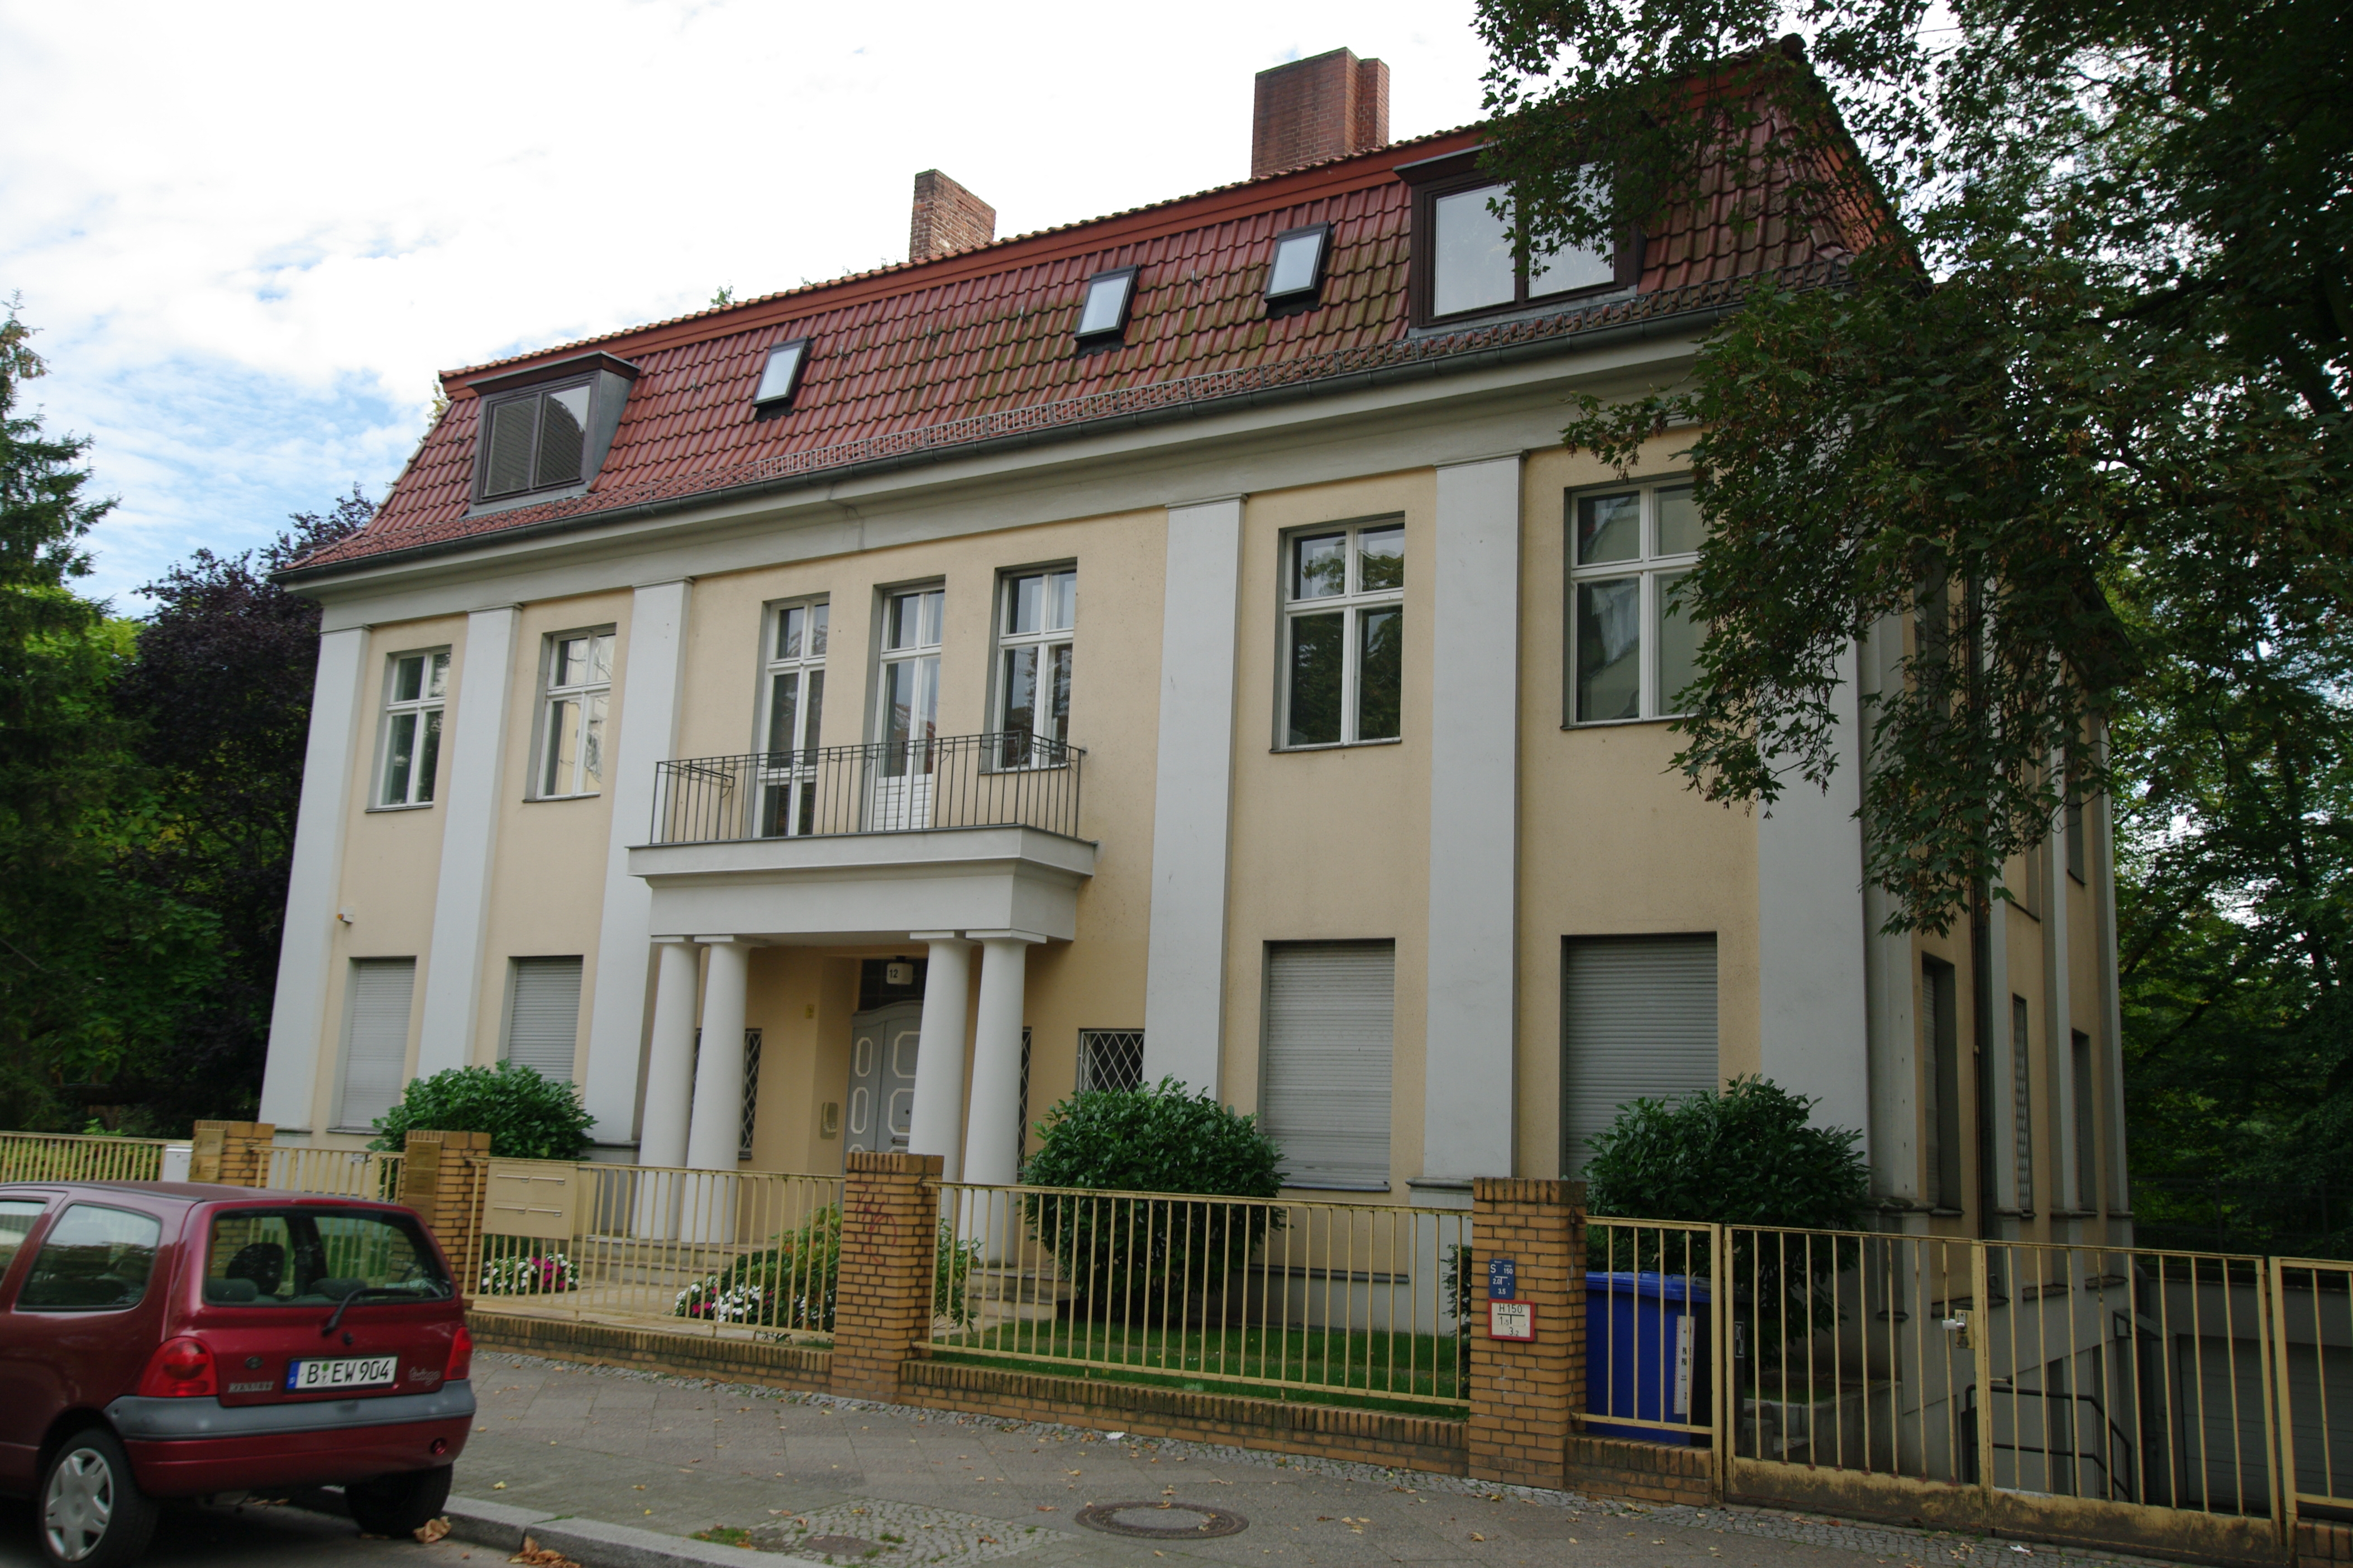 file berlin sch neberg freiherr vom stein strasse 12 14 26 wikimedia commons. Black Bedroom Furniture Sets. Home Design Ideas